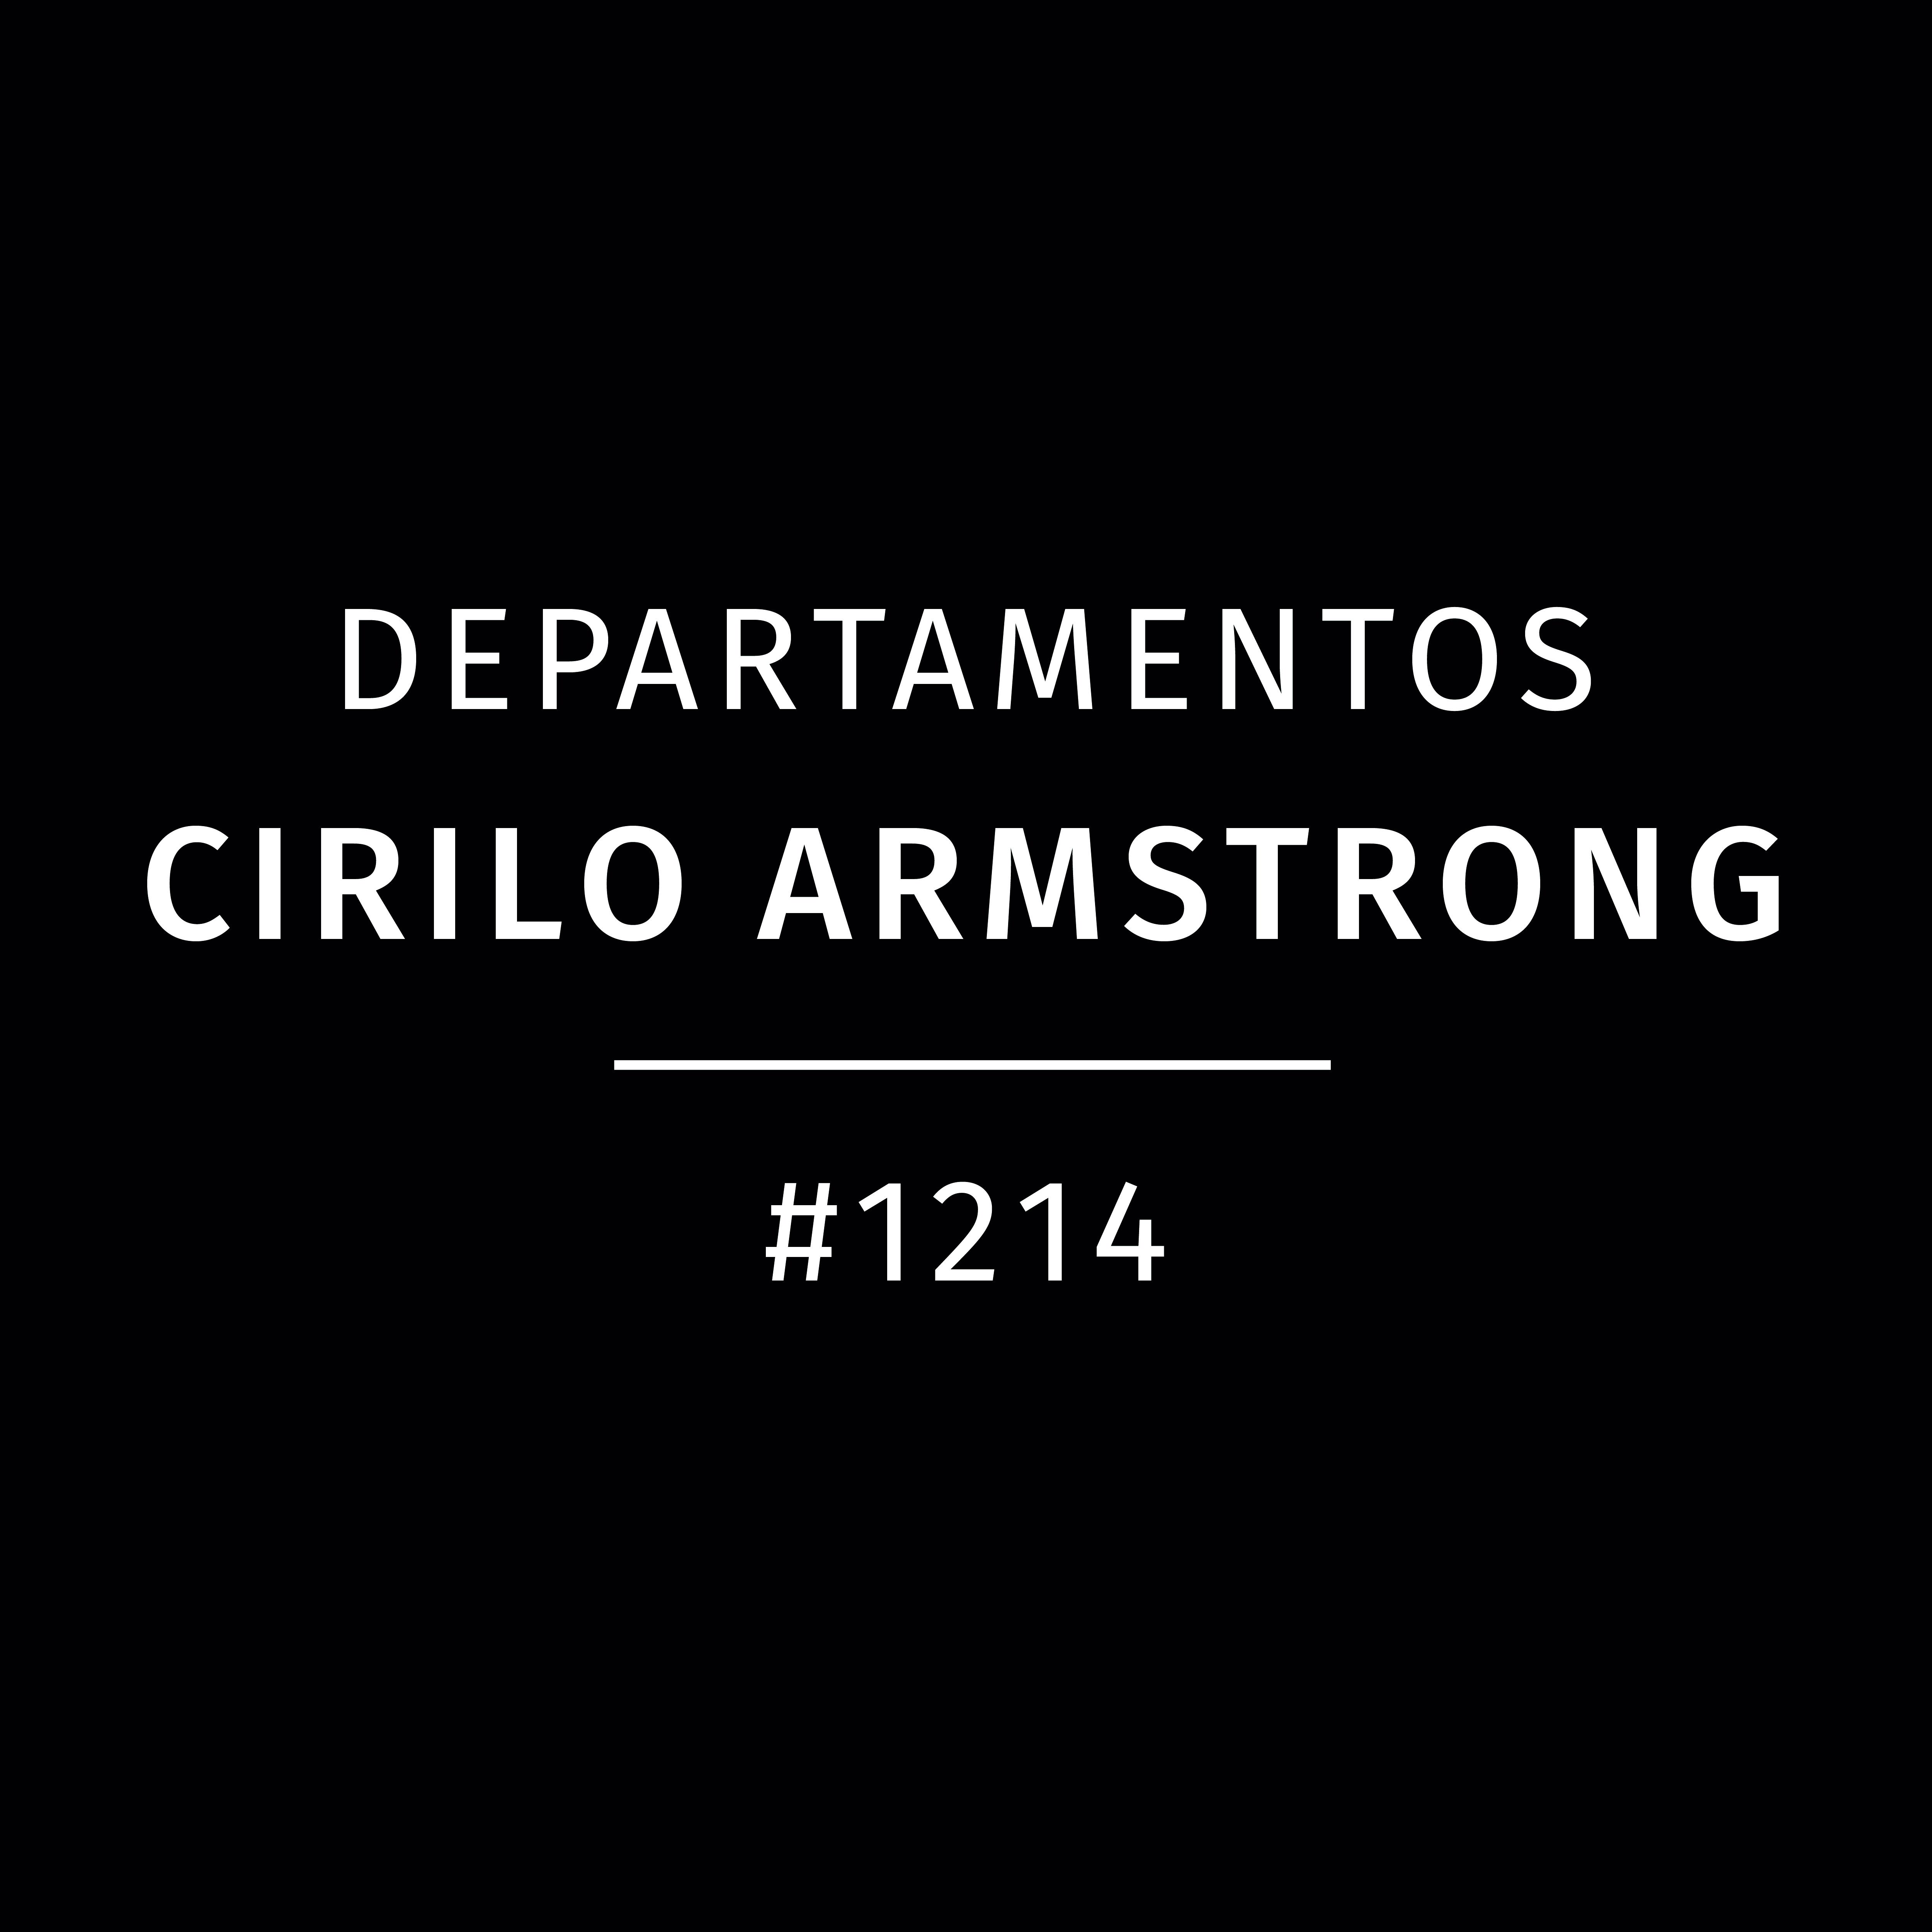 Departamentos Cirilo Armstrong